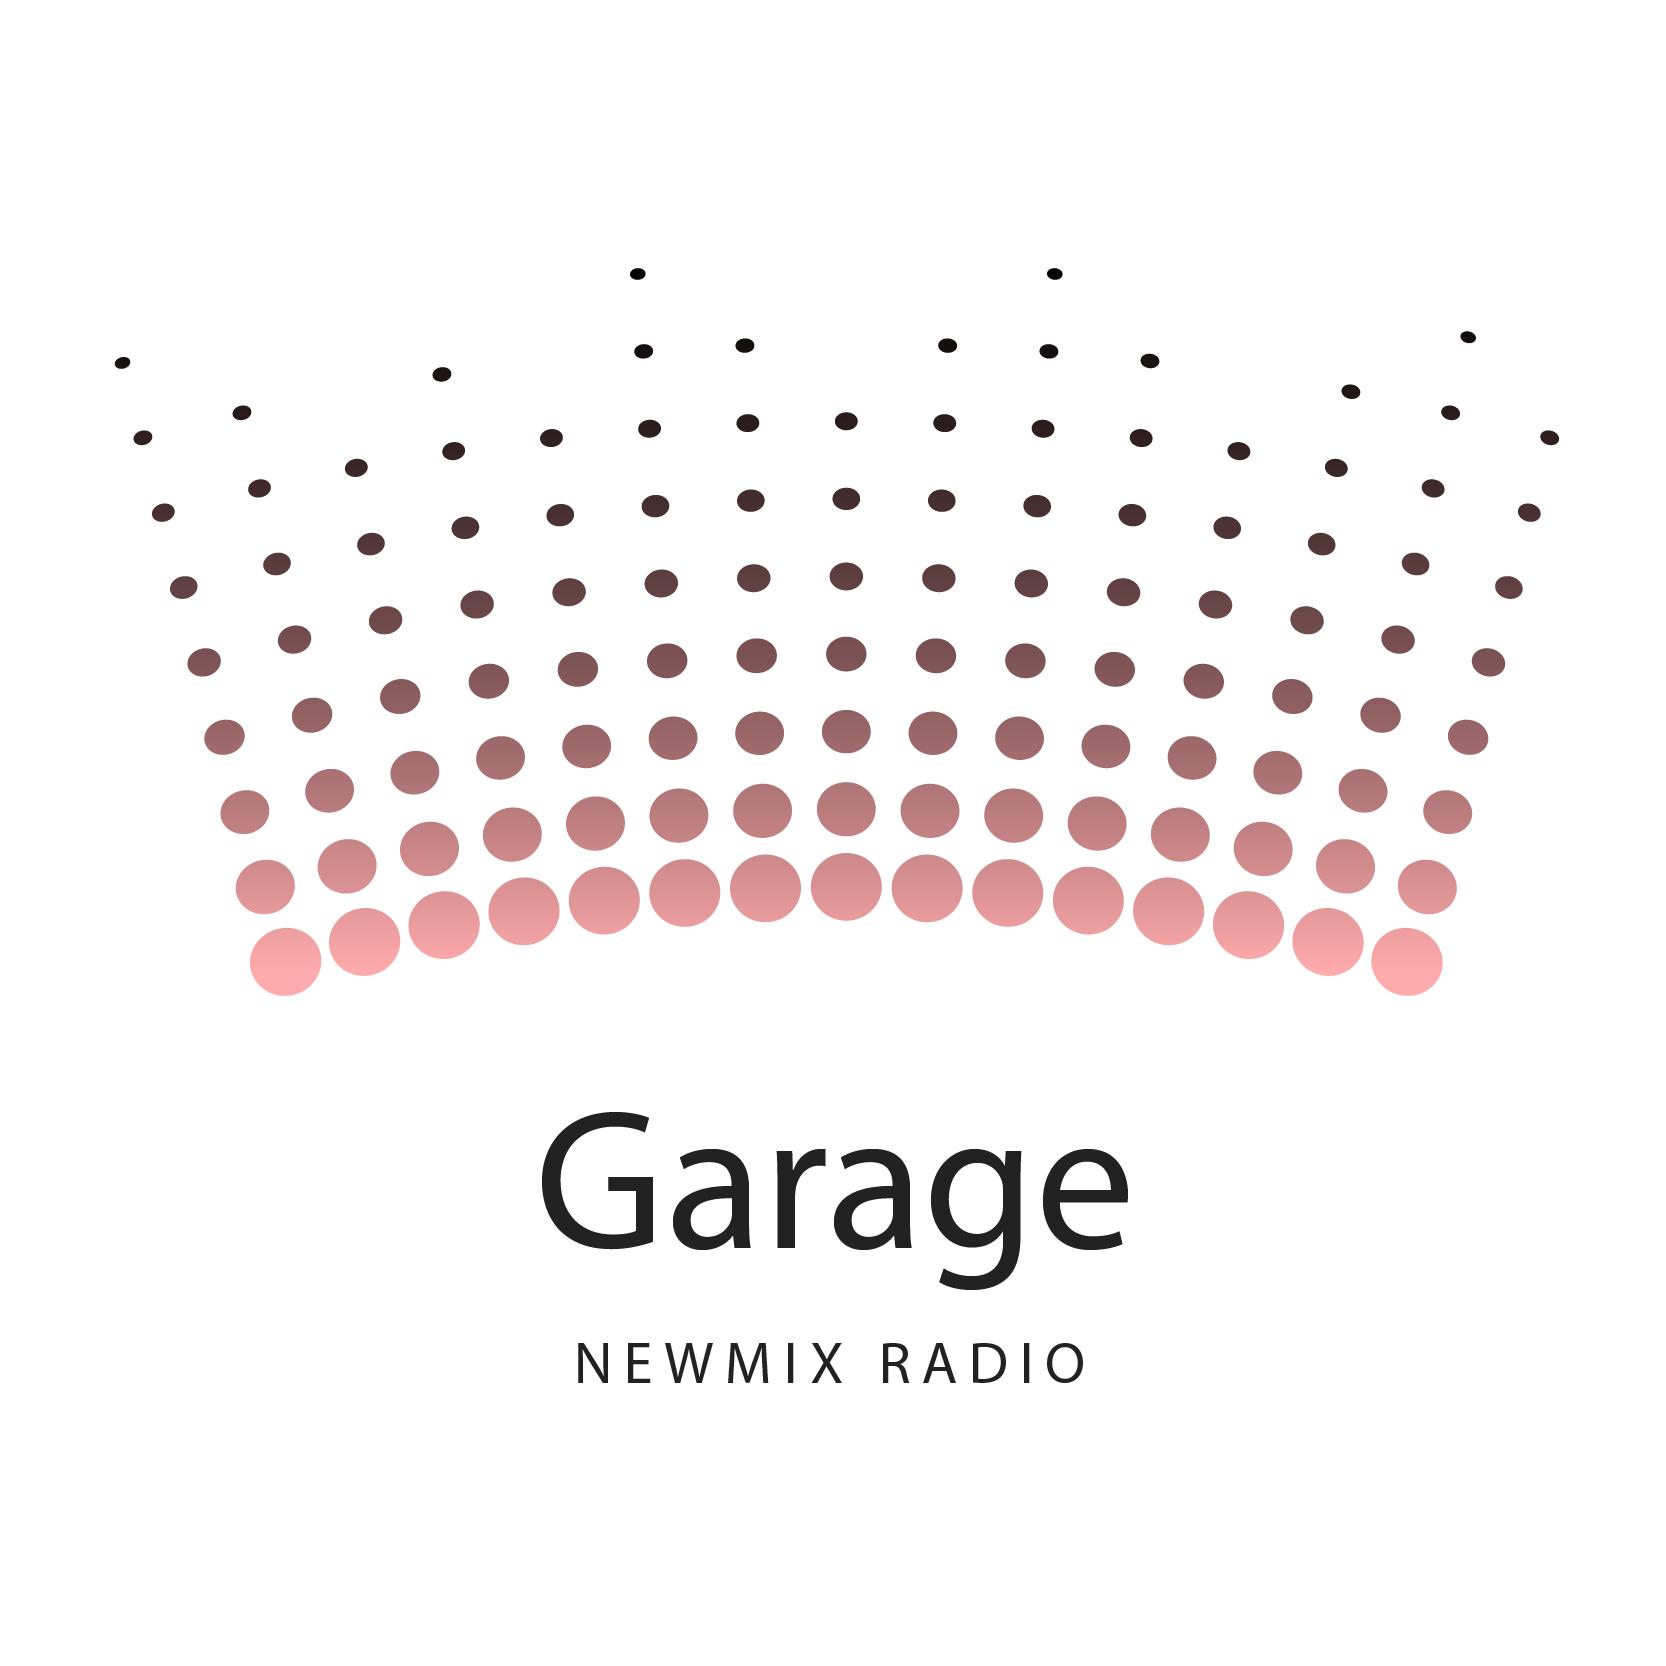 A_A Garage